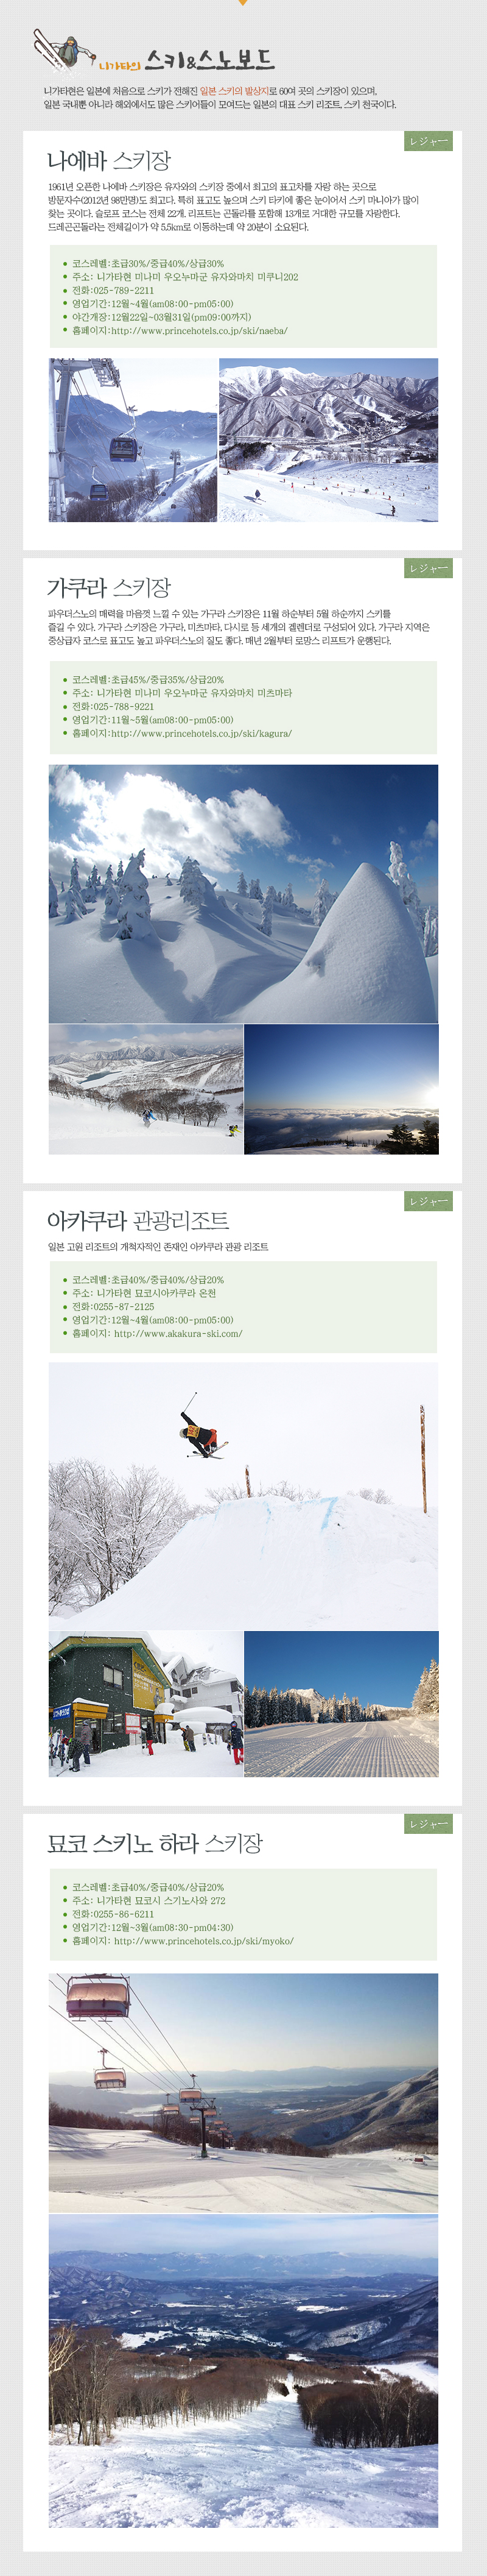 니가타의 스키